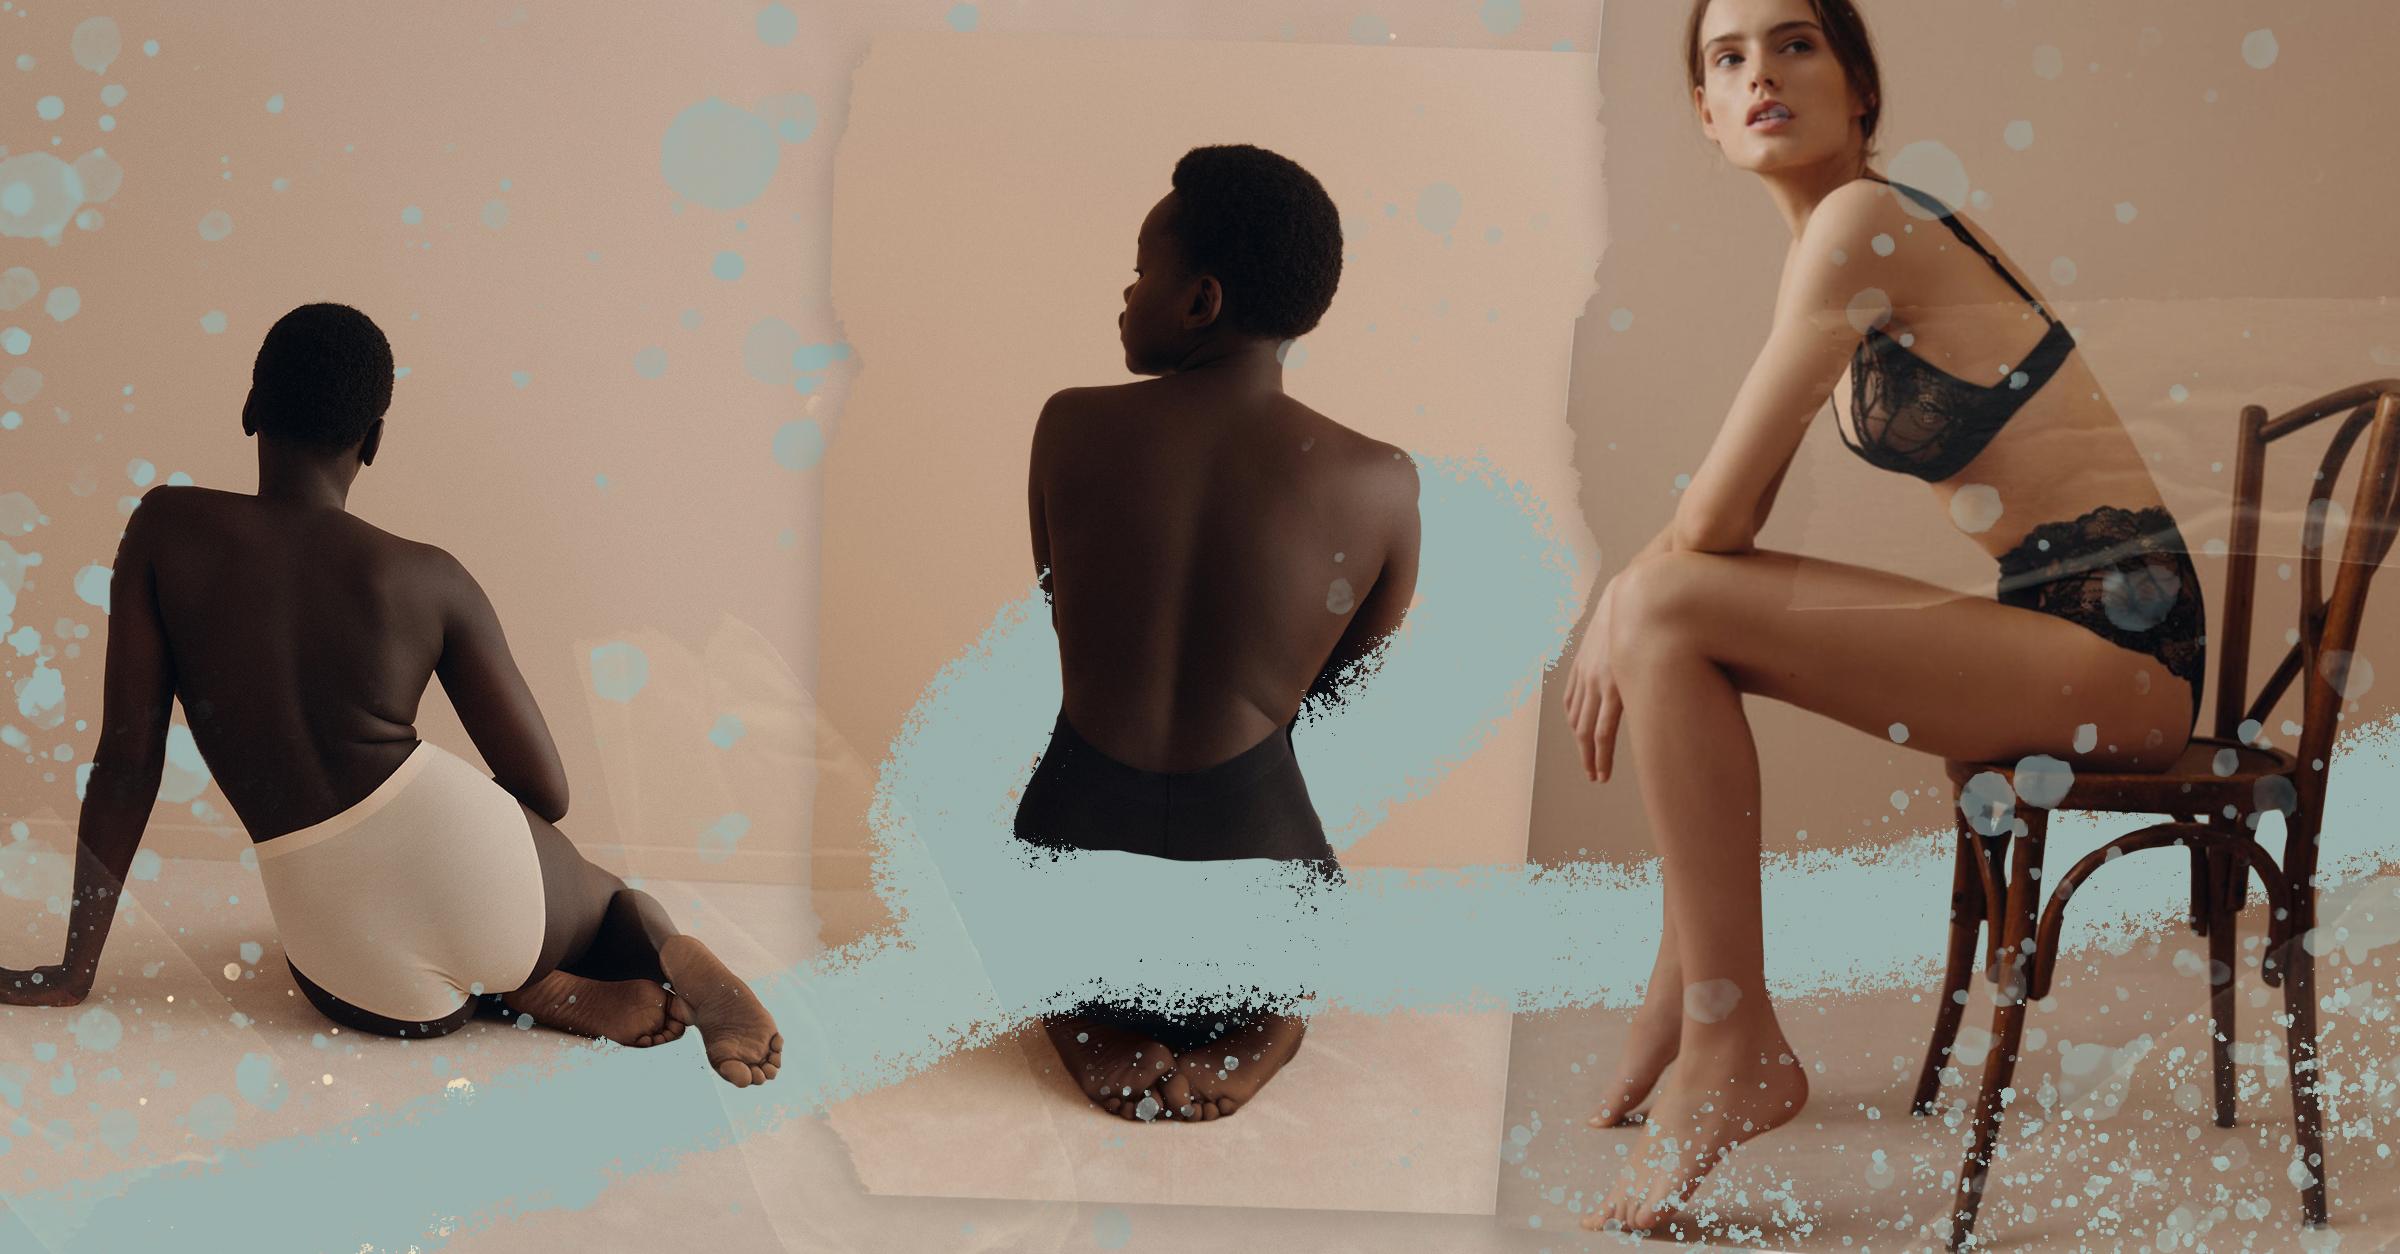 Zara Lingerie: is it a good Strategy?